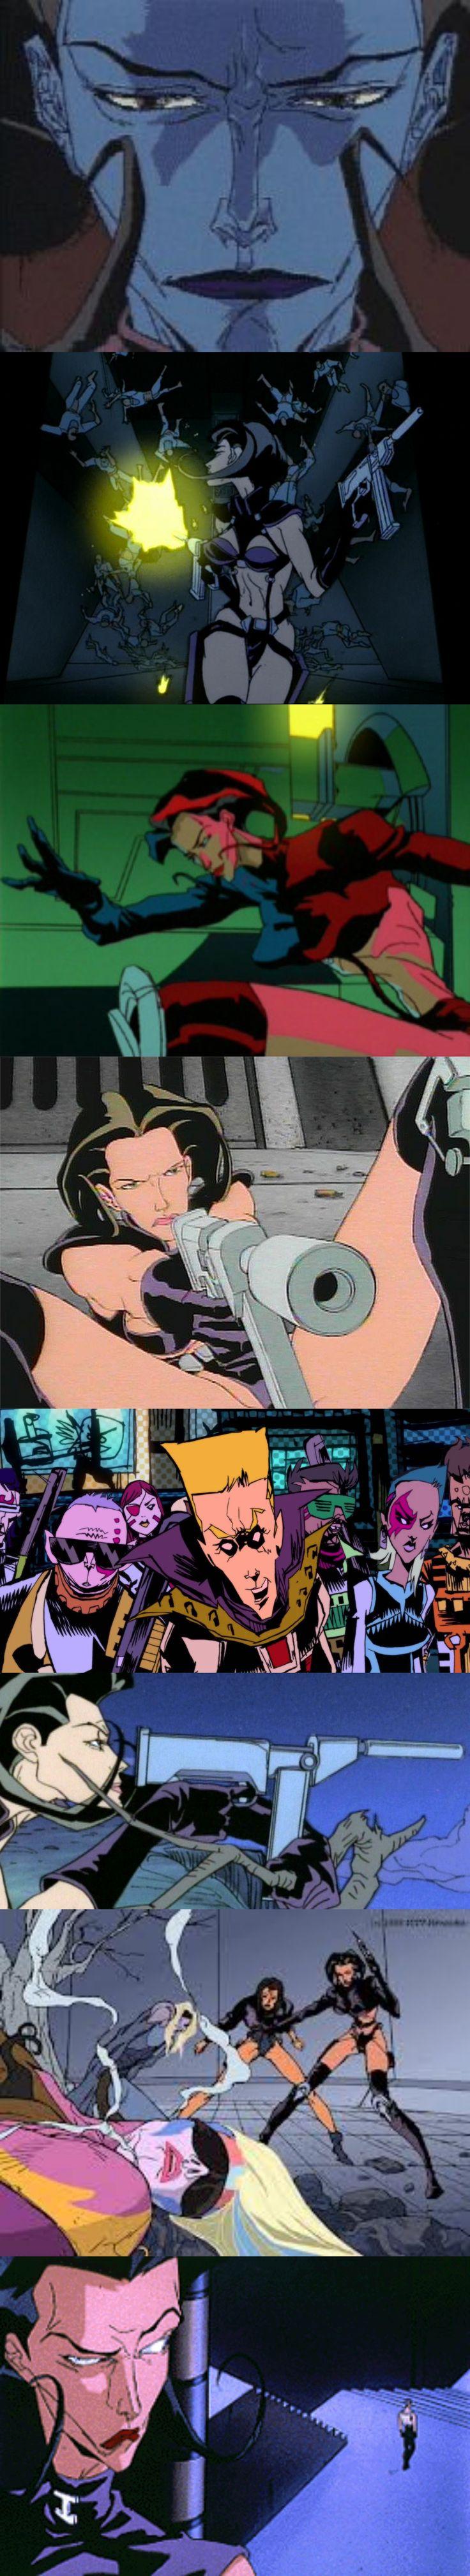 Aeon Flux-this cartoon made Liquid Television.